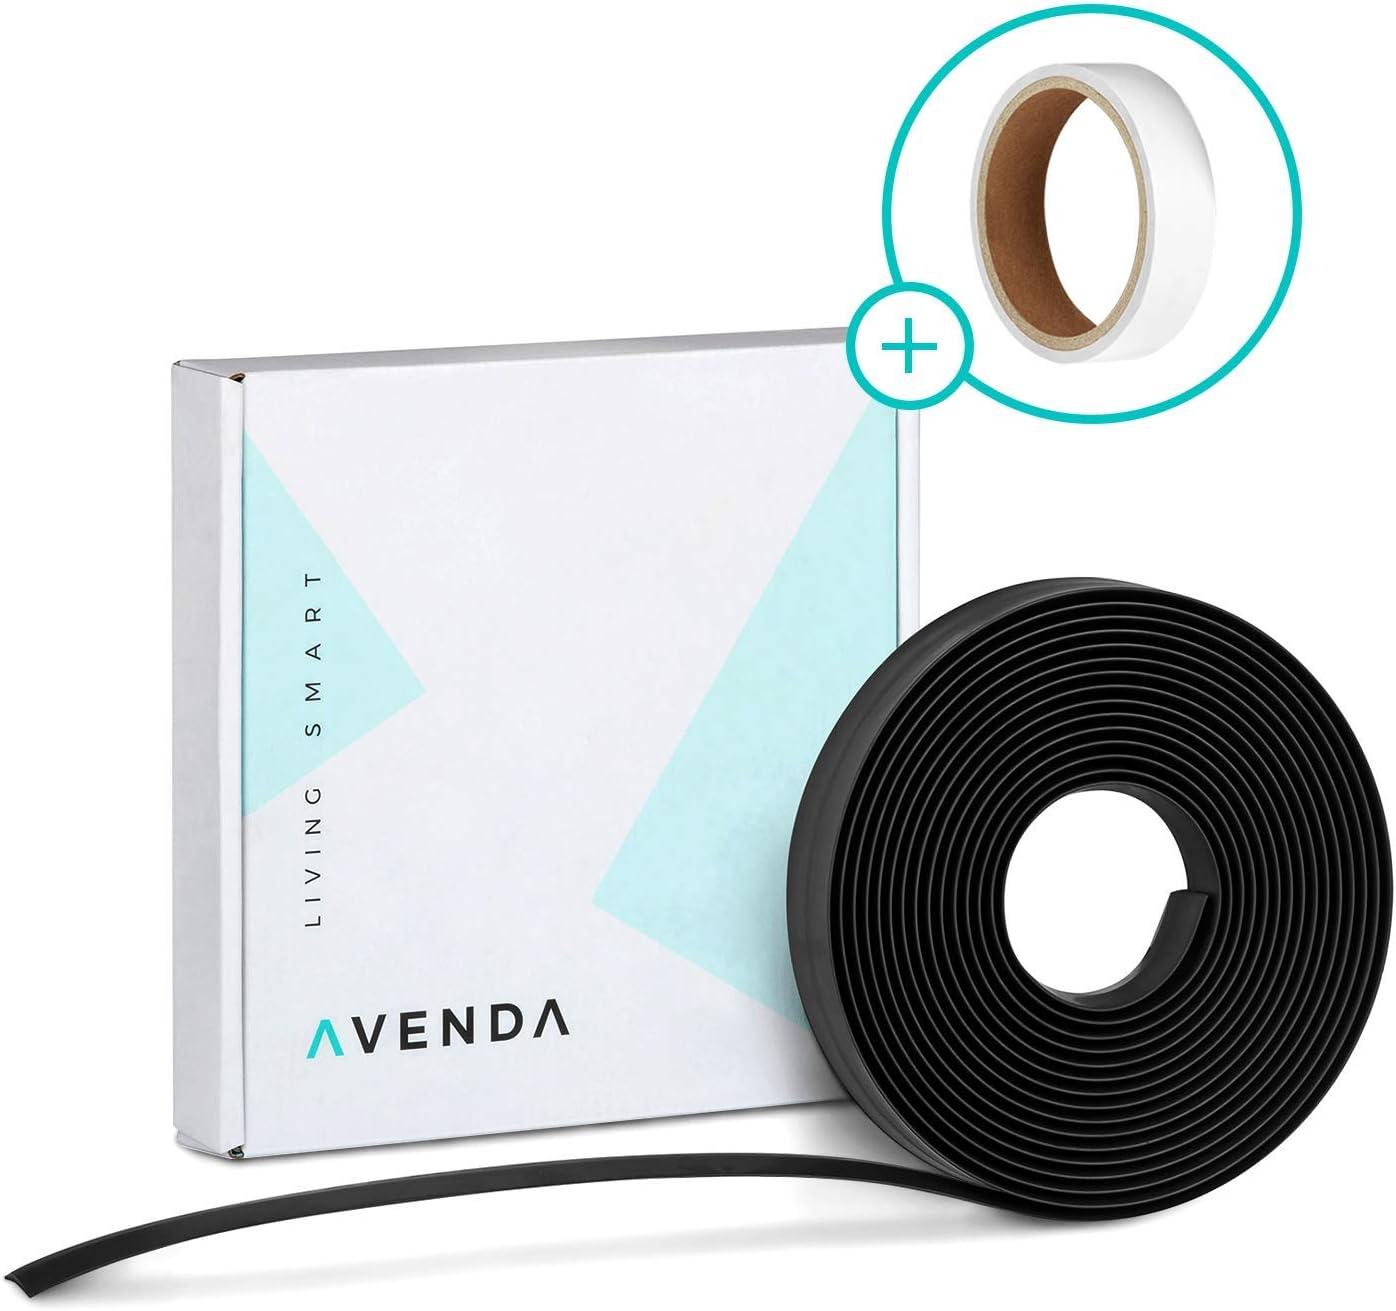 avenda Robot aspirador delimitar – Cinta magnética Robot aspirador – Tira magnética para aspiradora – PREMIUM CALIDAD – 5 m – Incluye cinta adhesiva doble cara 5,0 m Negro: Amazon.es: Hogar